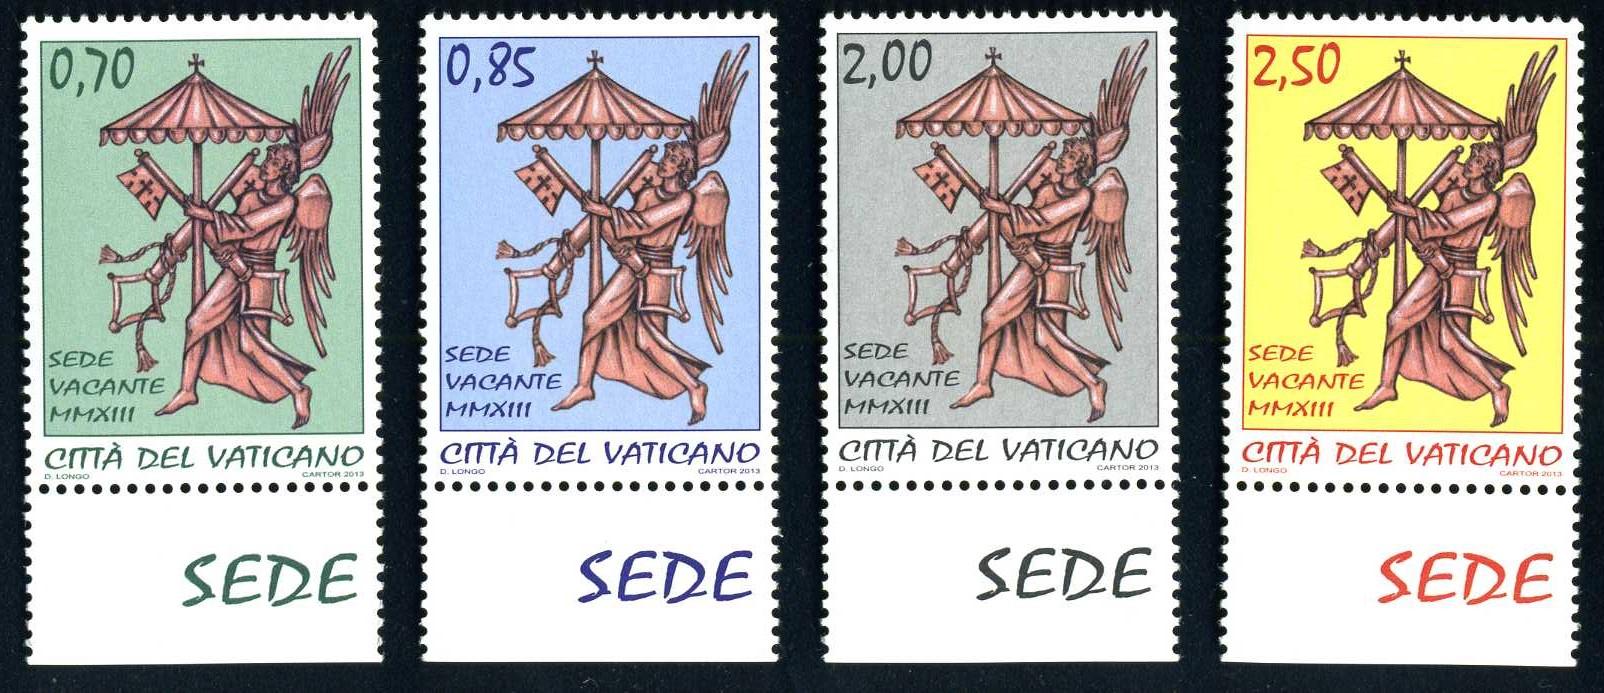 VA 143 2013 Sede Vacante.jpg